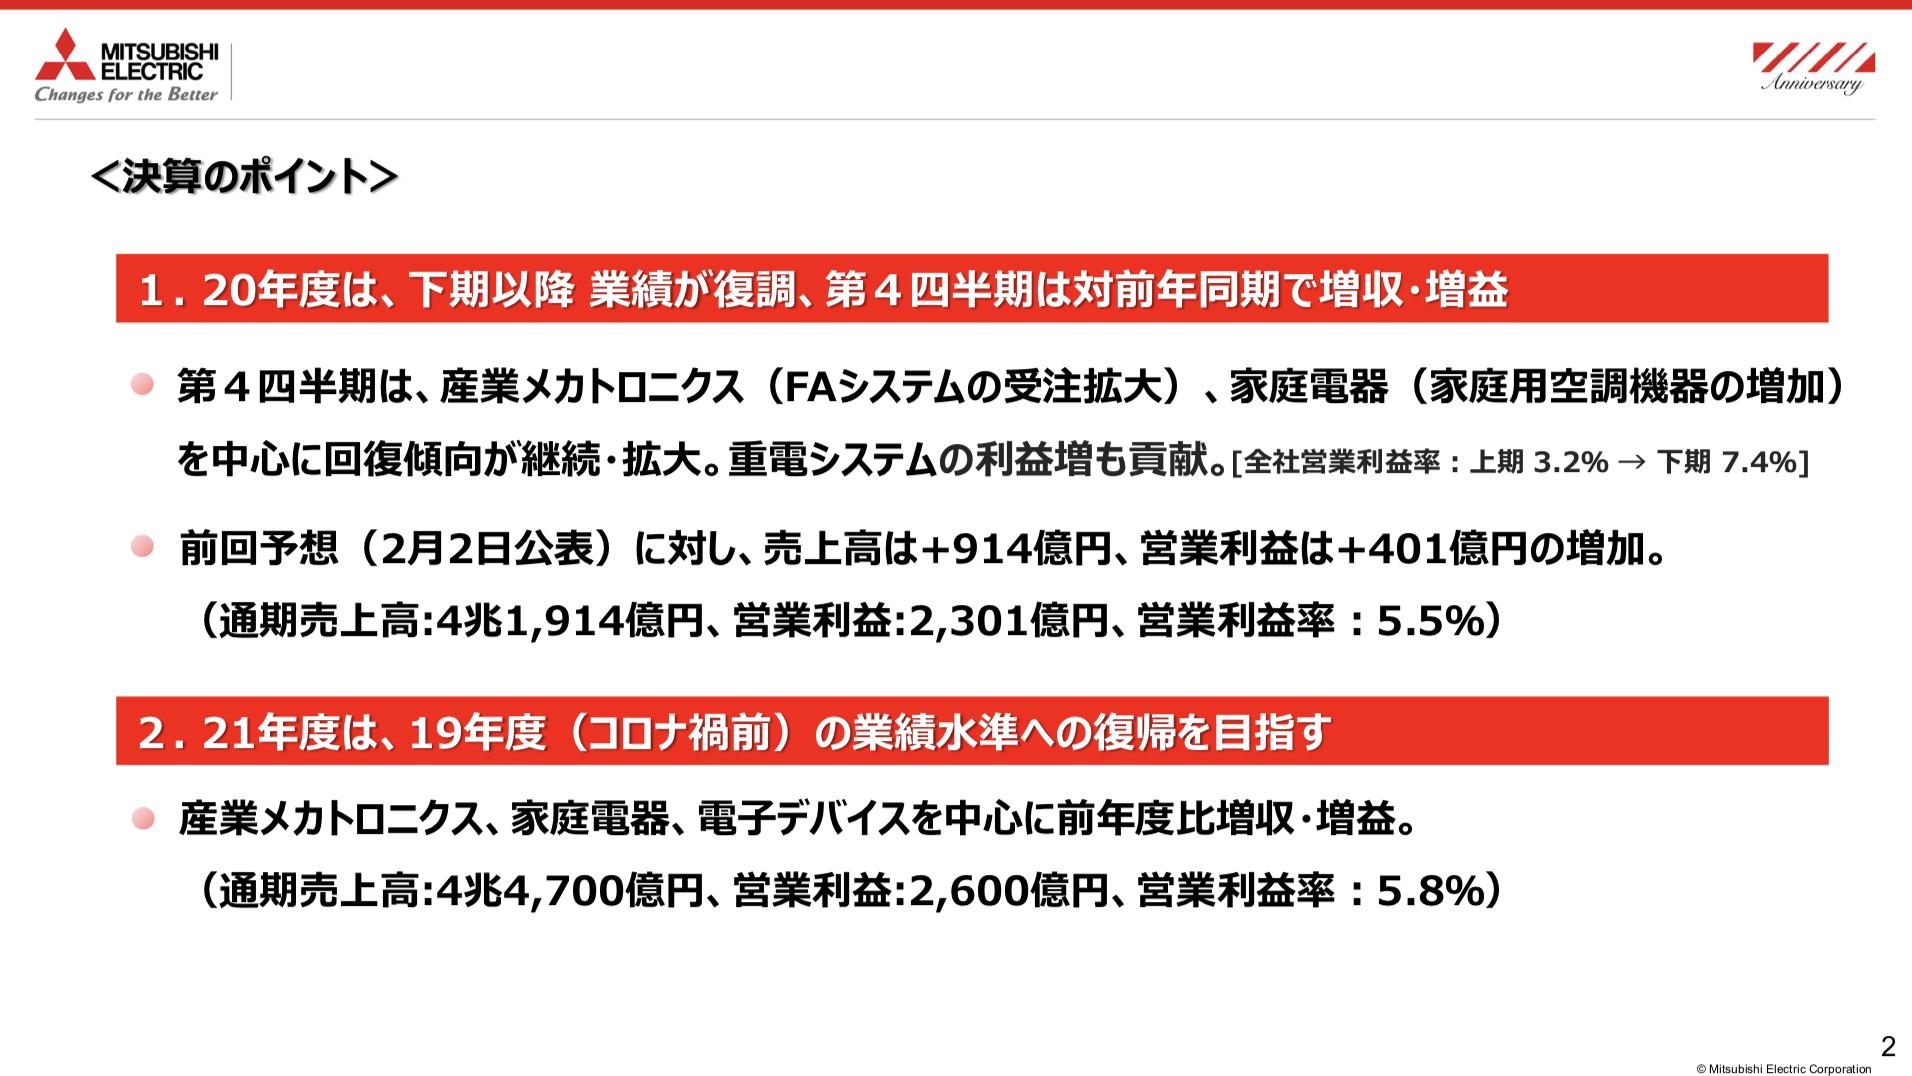 三菱電機株式会社 2020年度 連結決算の概要